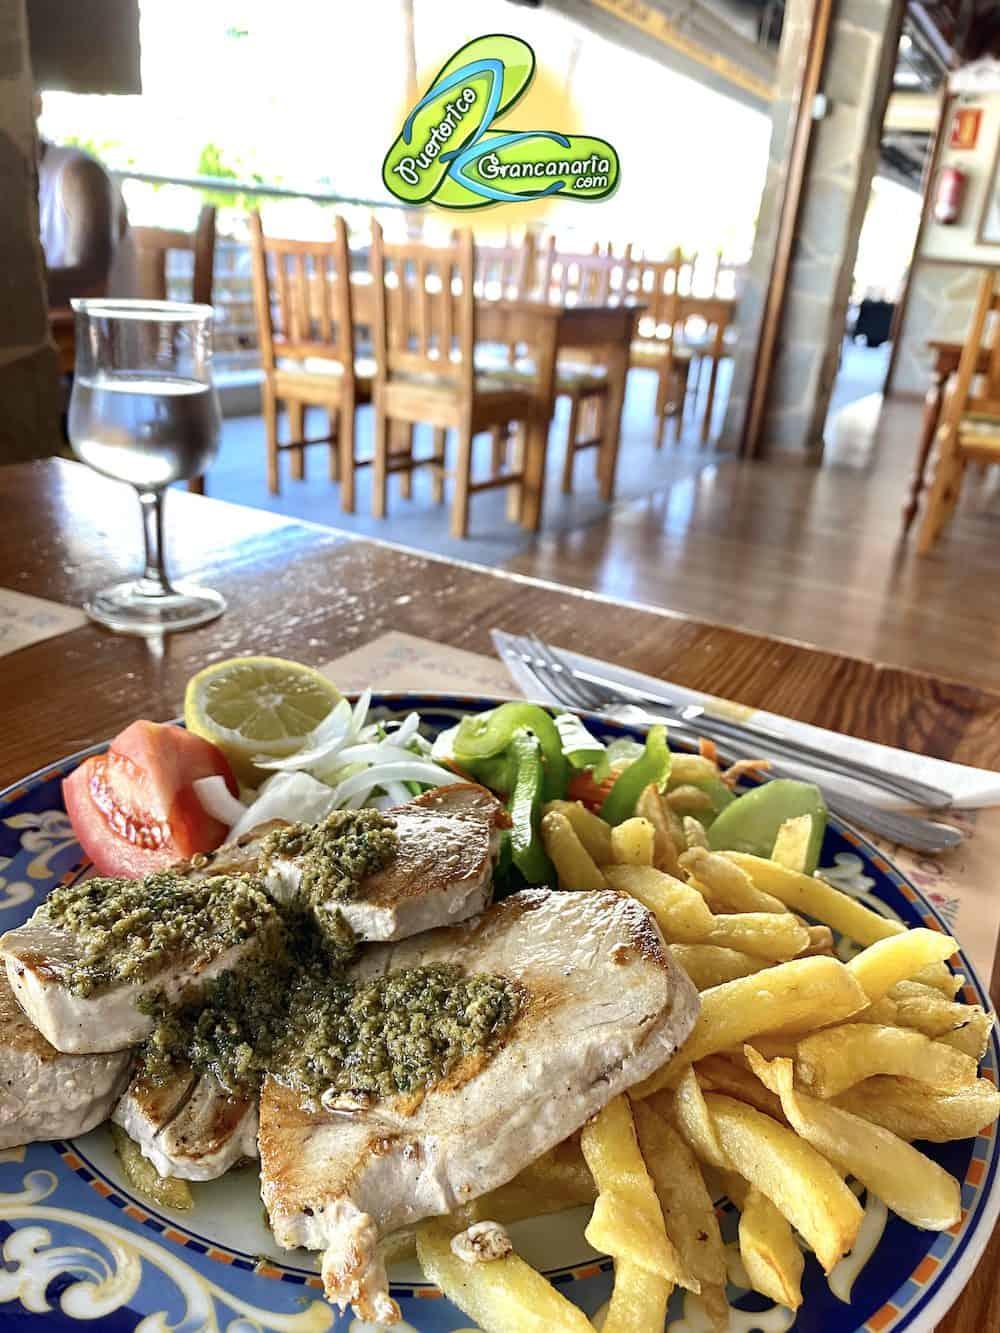 Grilled Tuna Steak | Atún a la plancha at Balcon Canario Restaurant Puerto Rico Gran Canaria